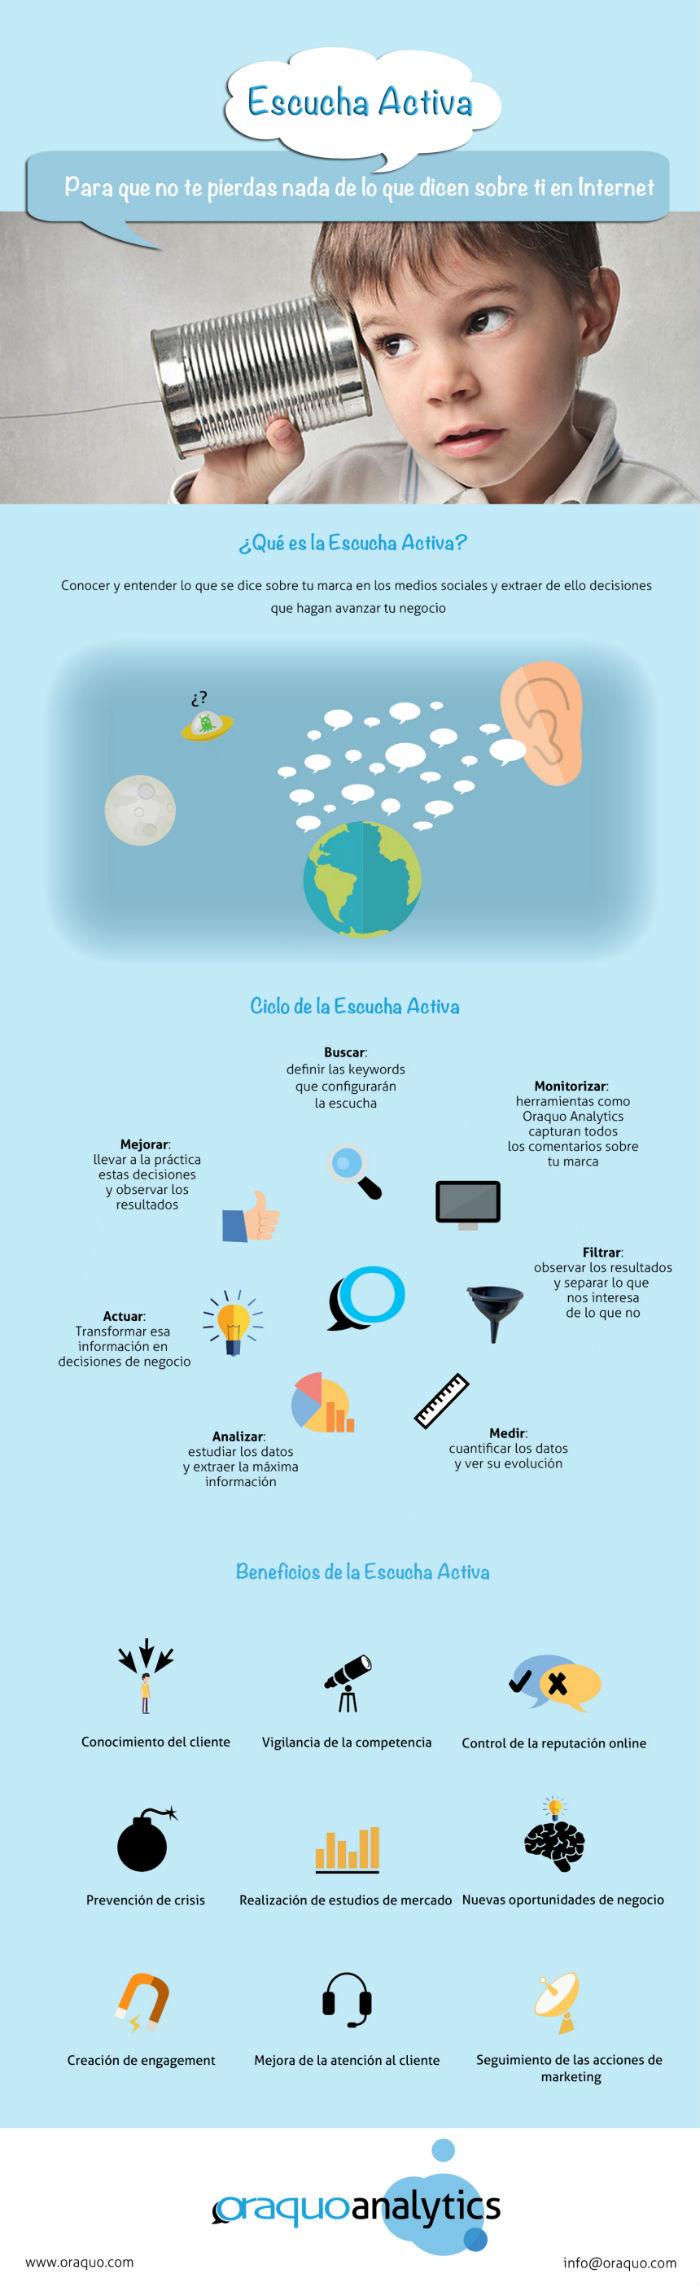 Conoce el significado de la Escucha Activa en internet